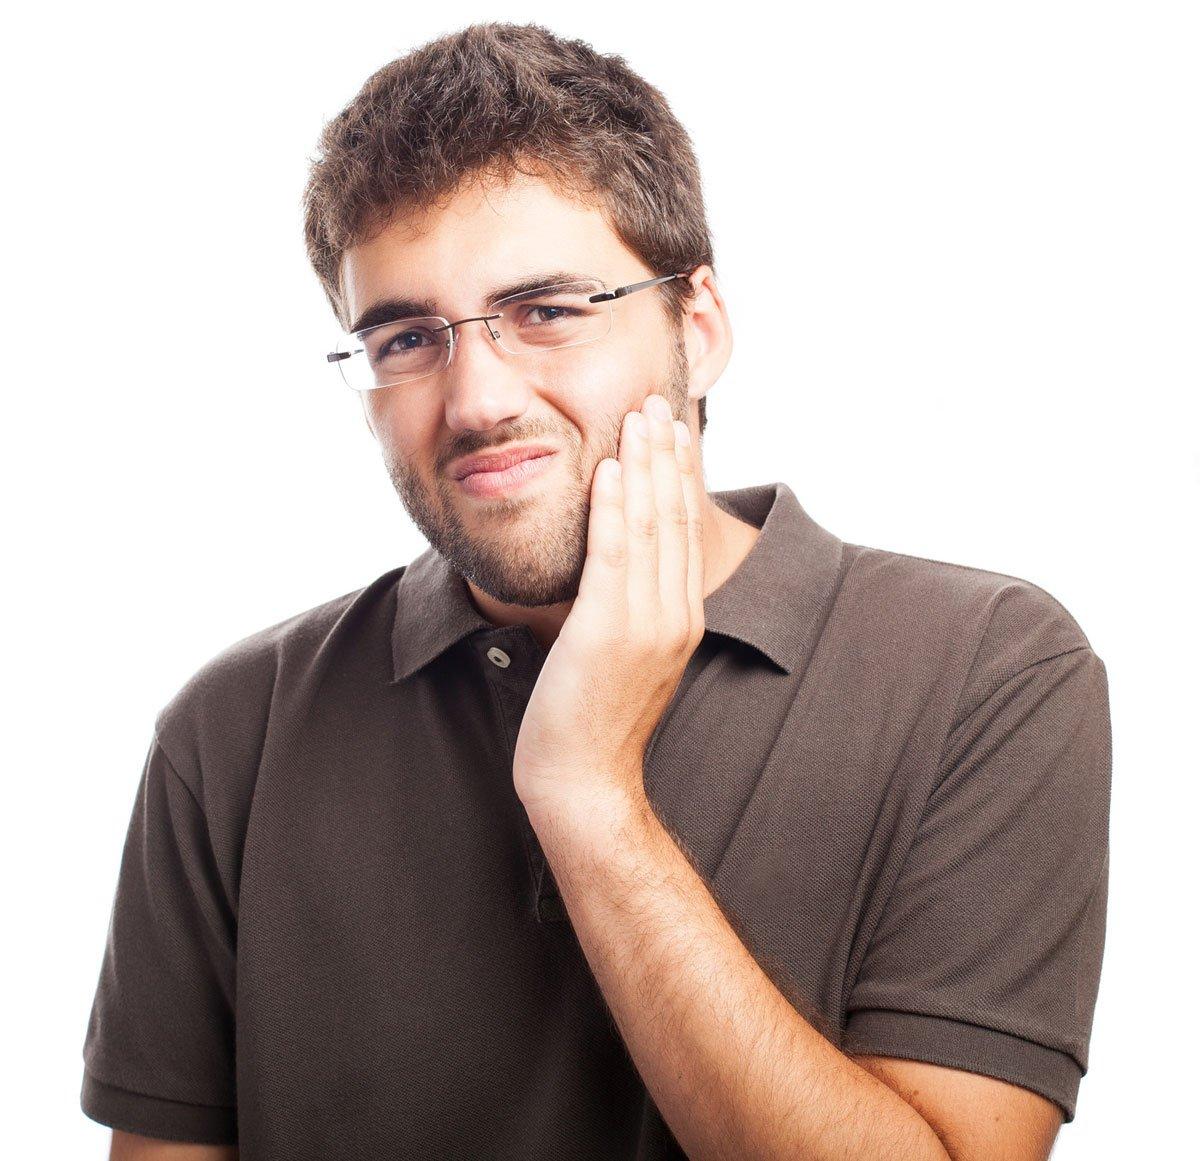 Хронический пульпит — лечить или терпеть?